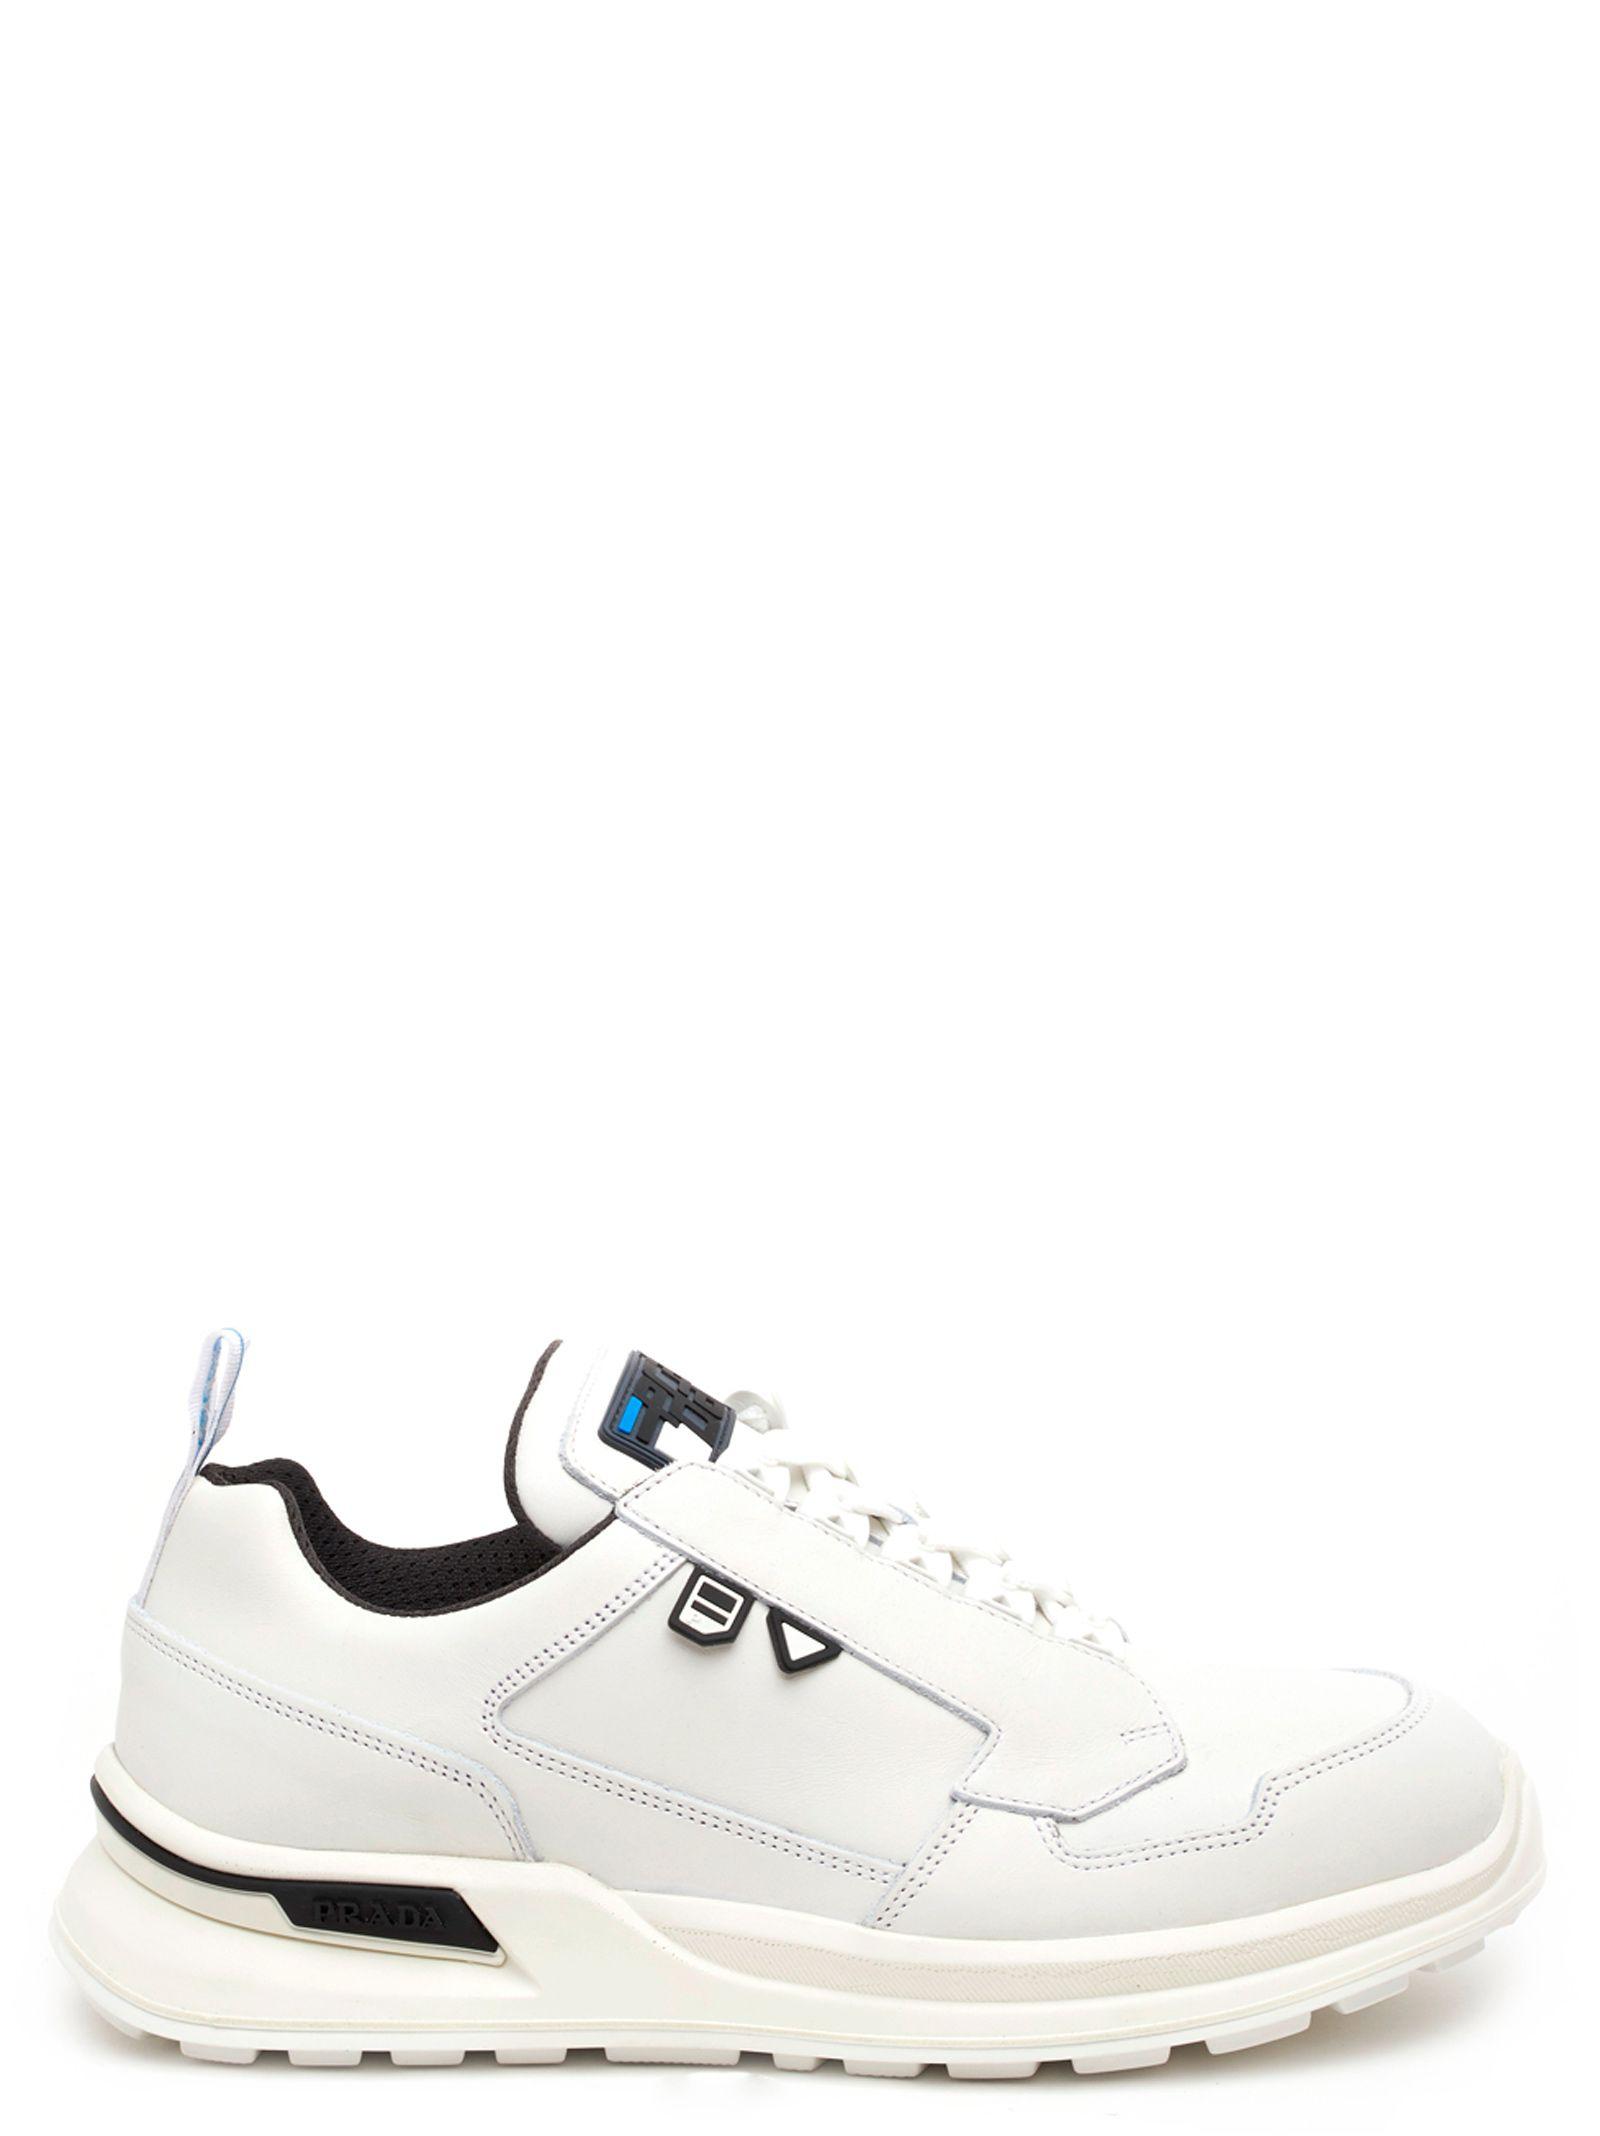 Prada 'novo' Shoes